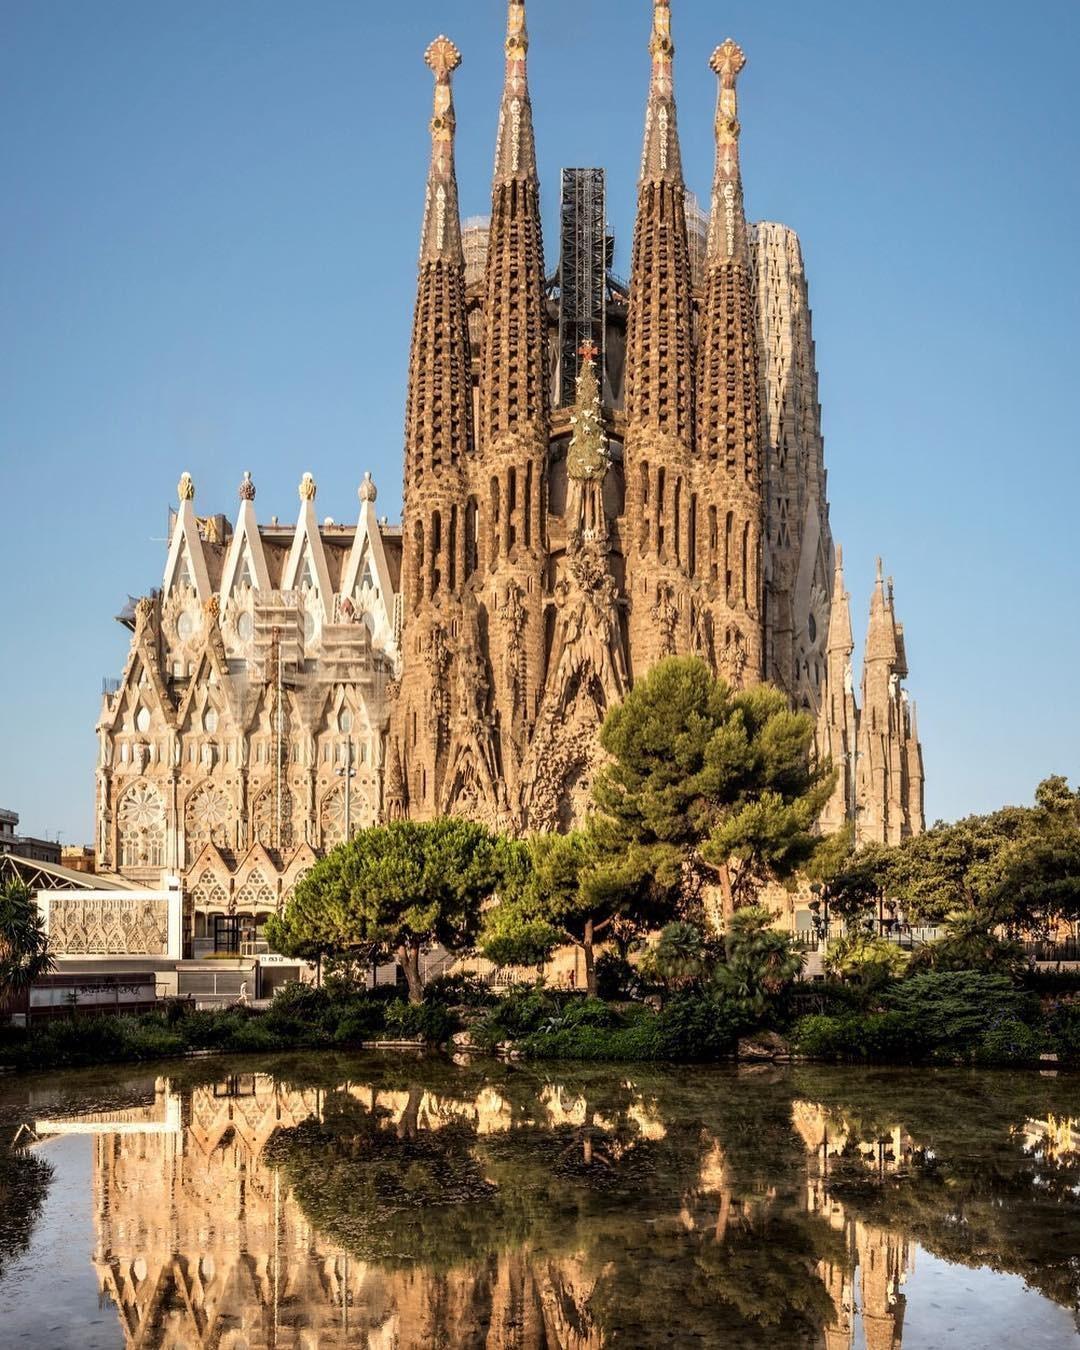 Basílica da Sagrada Família ganha licença para obras após 137 anos (Foto: Divulgação)